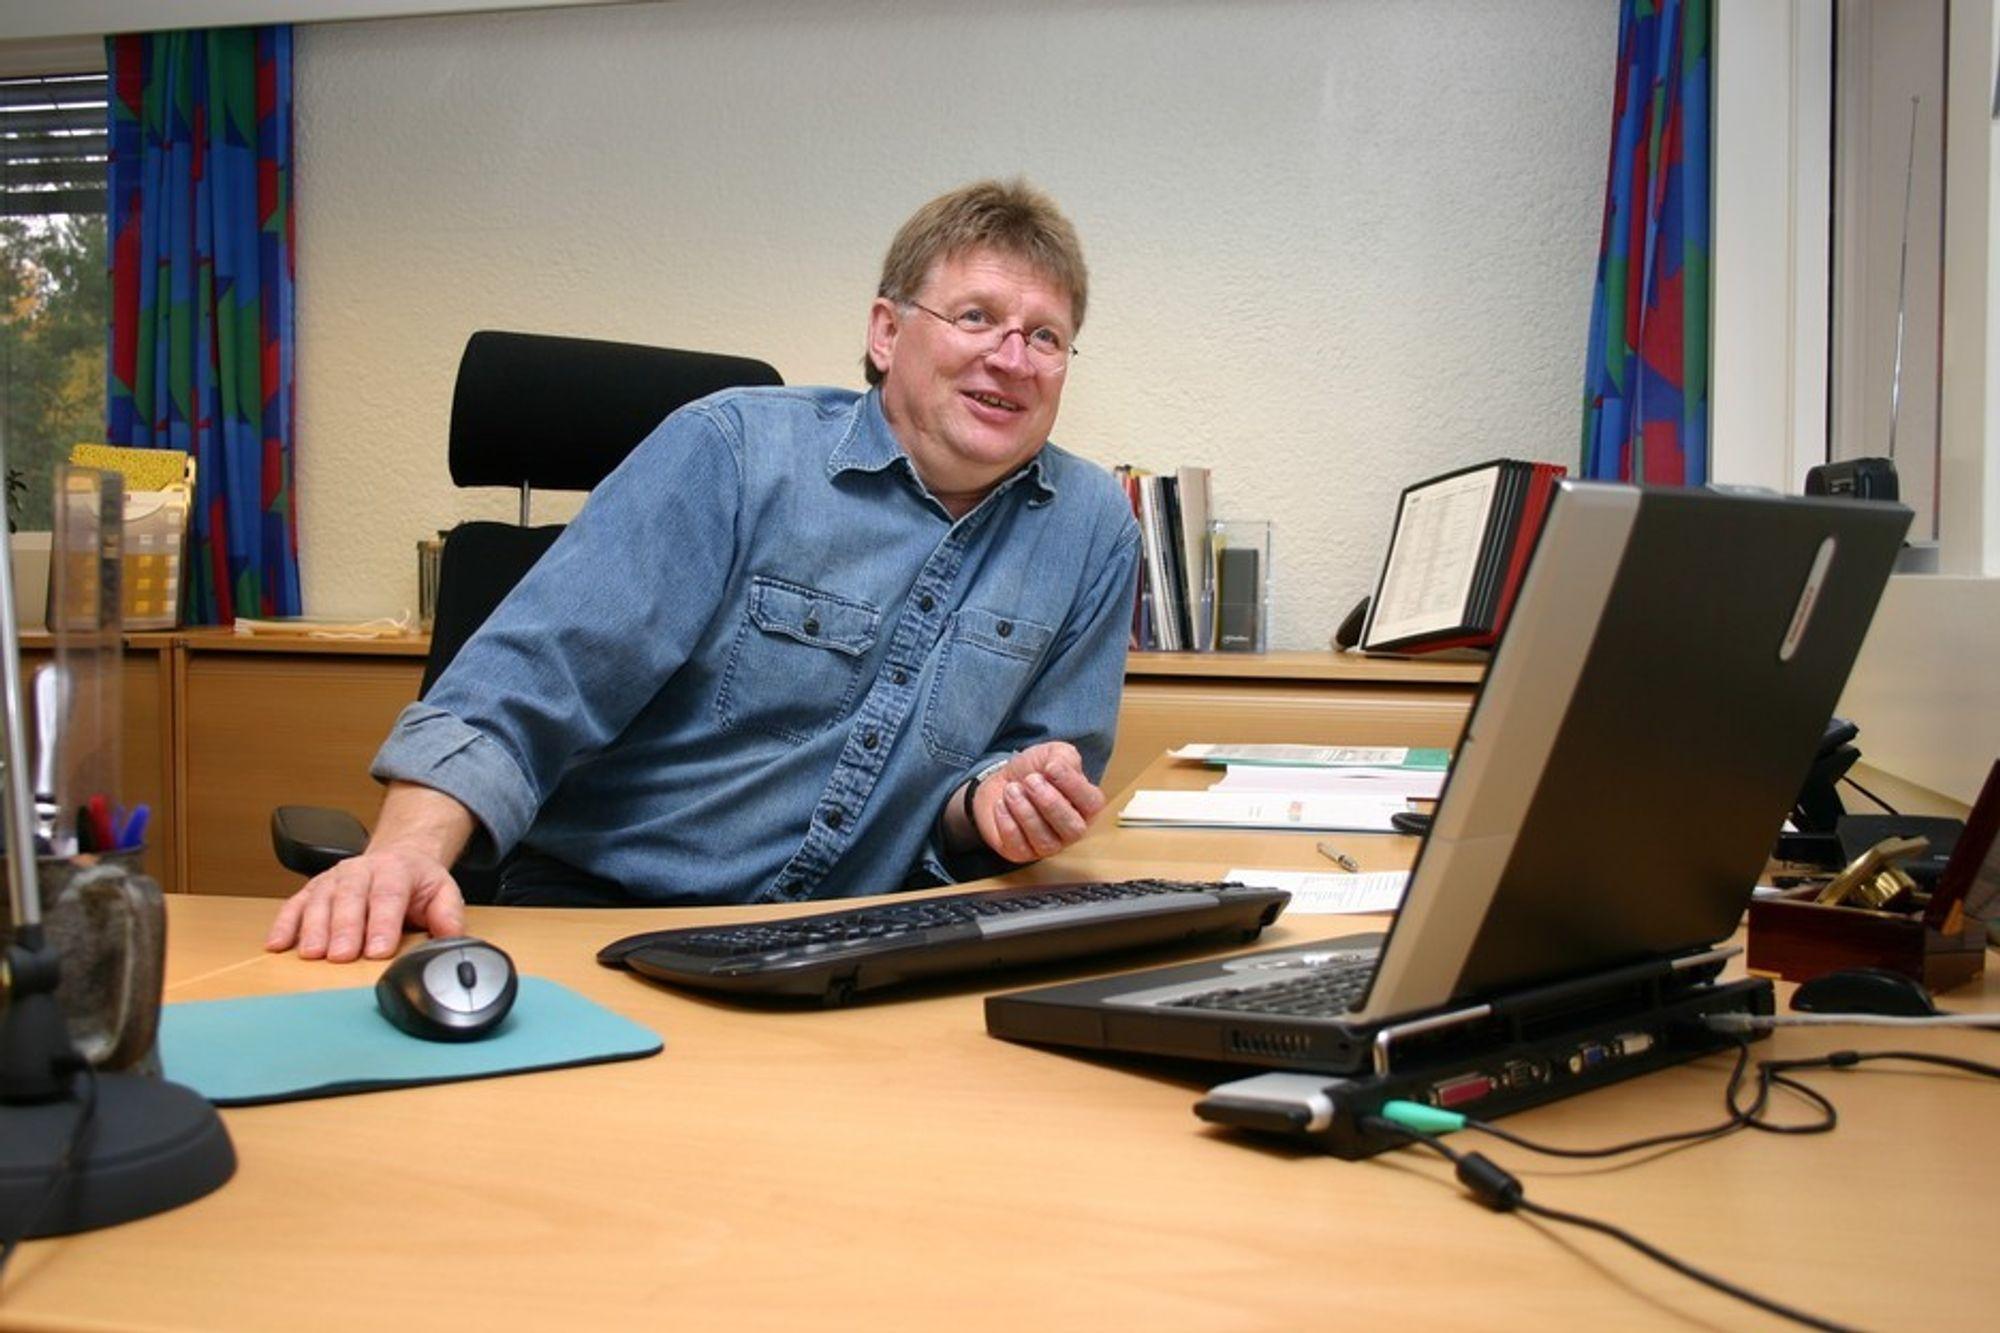 KARTLEGGE BEHOV:Eivind Pettersen i Vox mener bedrifter må kartlegge behov før de innfører opplæringstiltak.